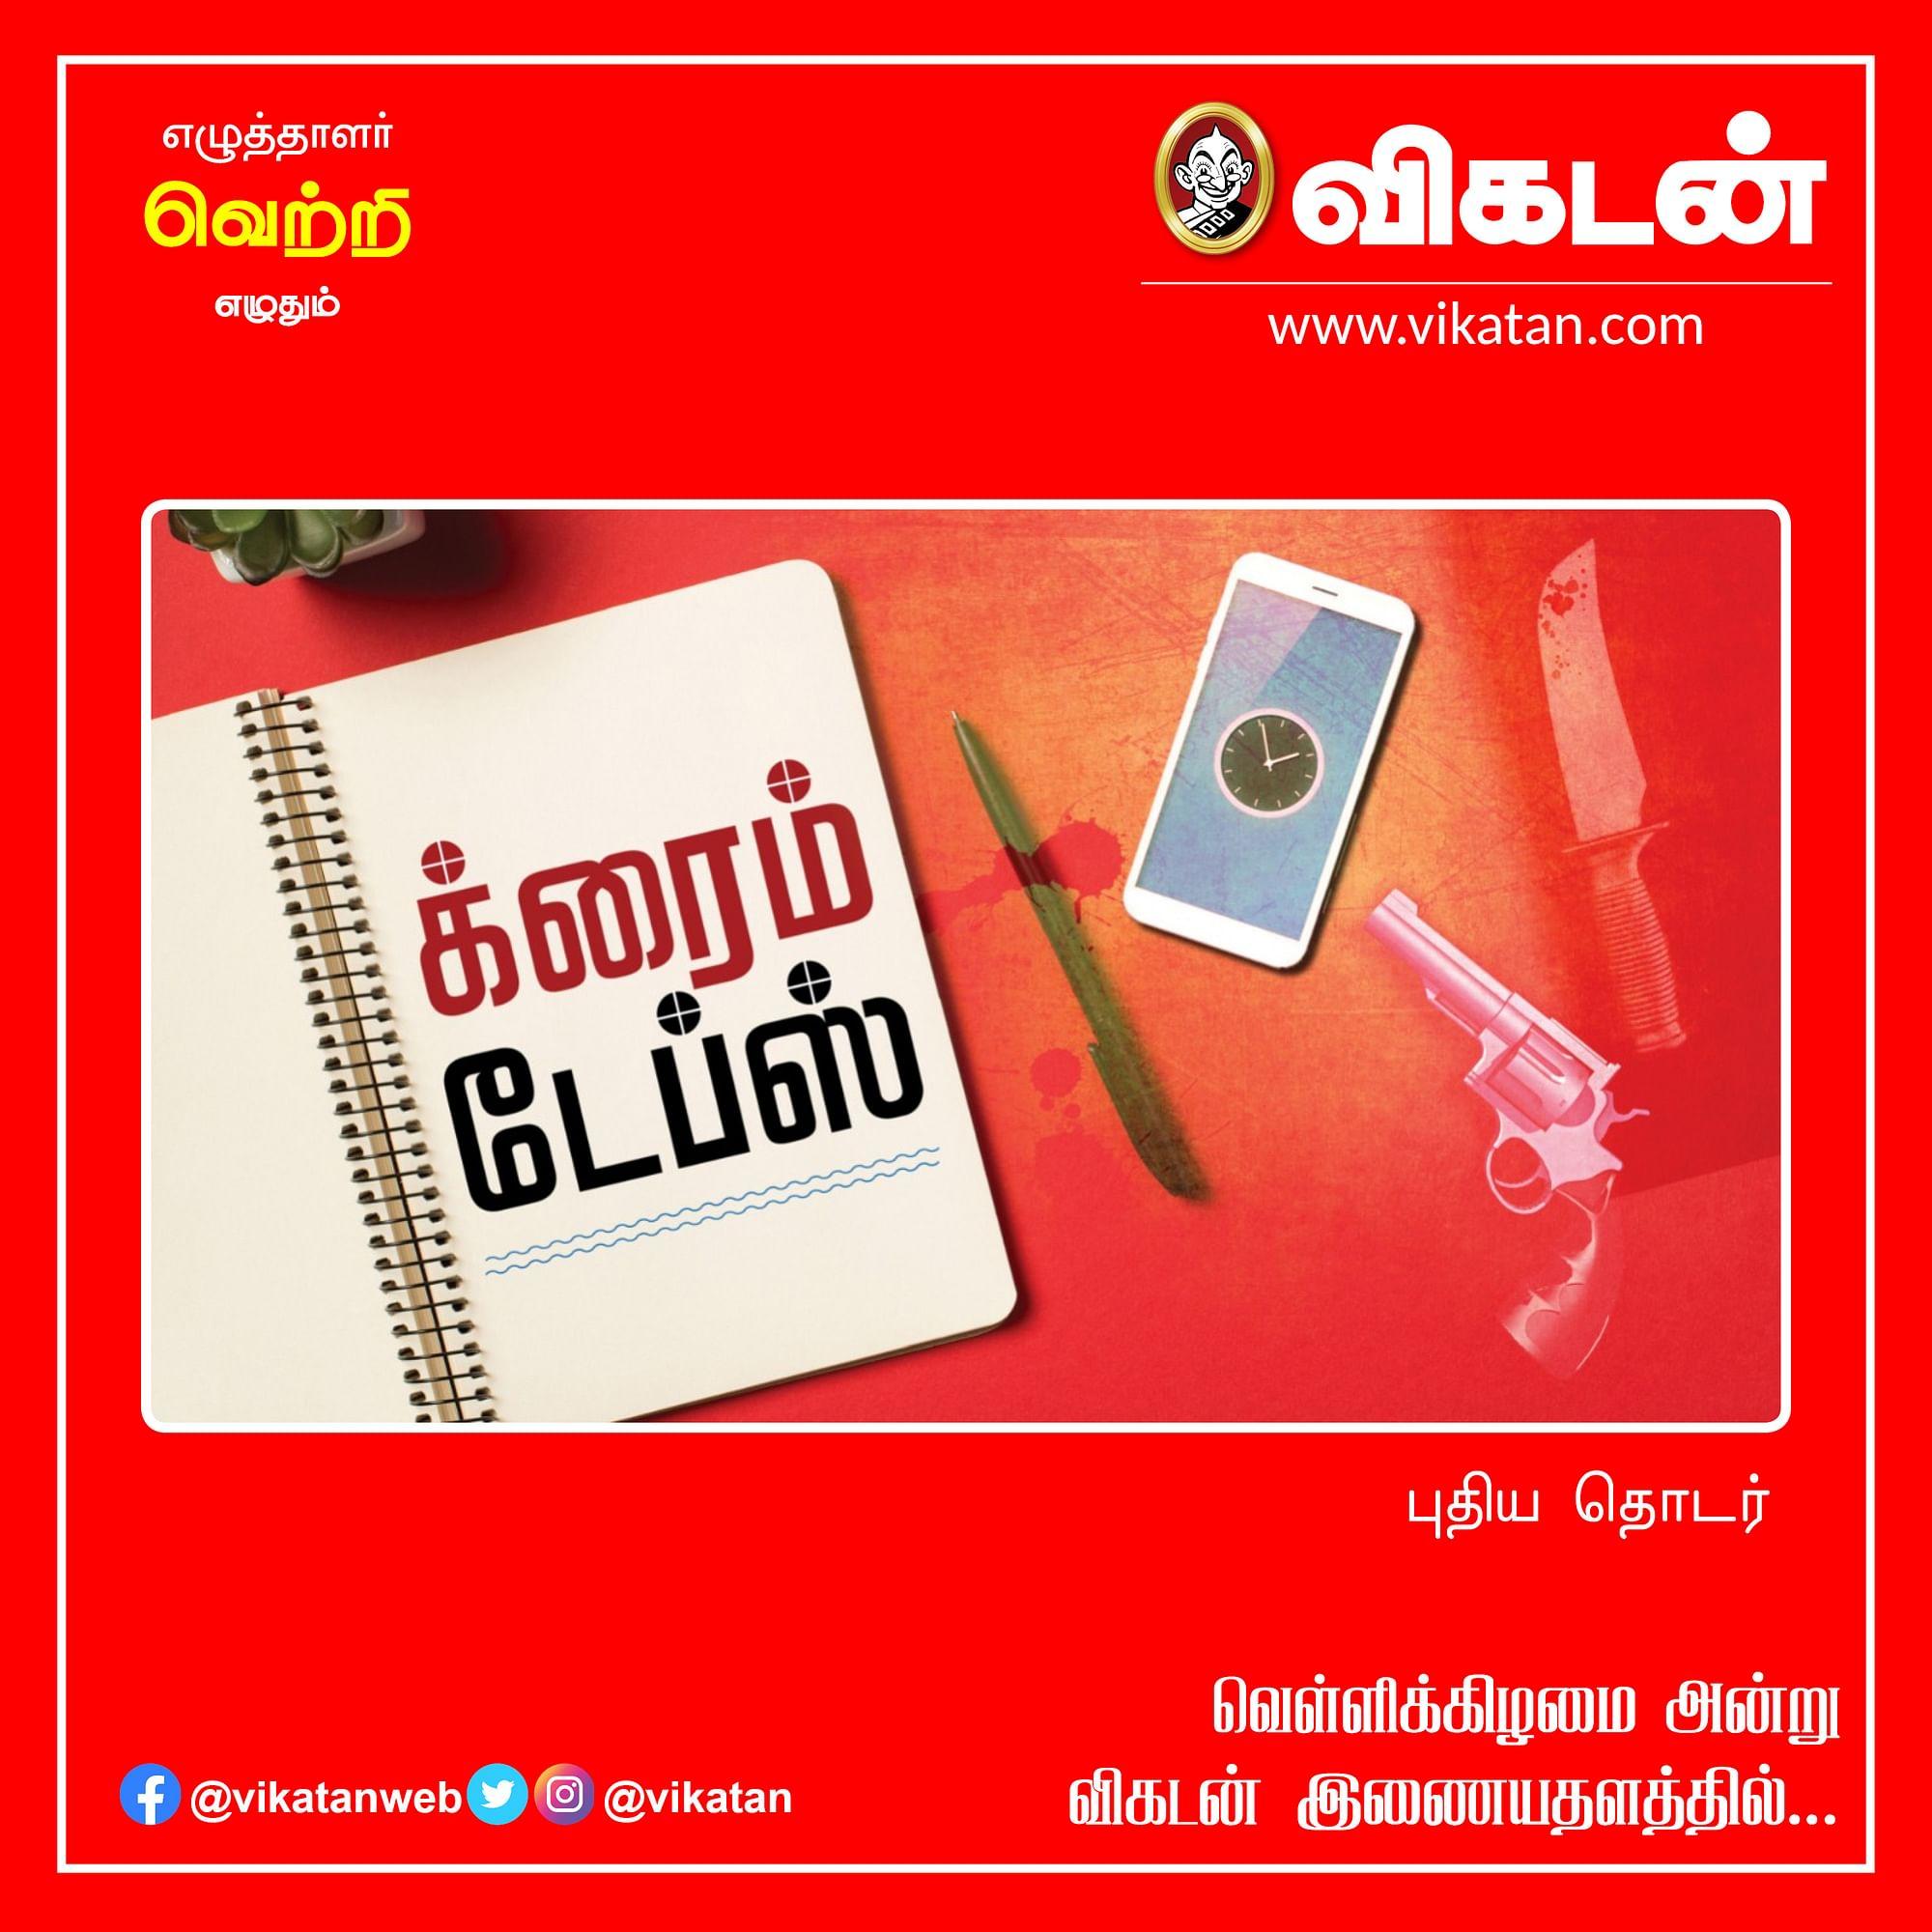 S 16 1 Tamil News Spot